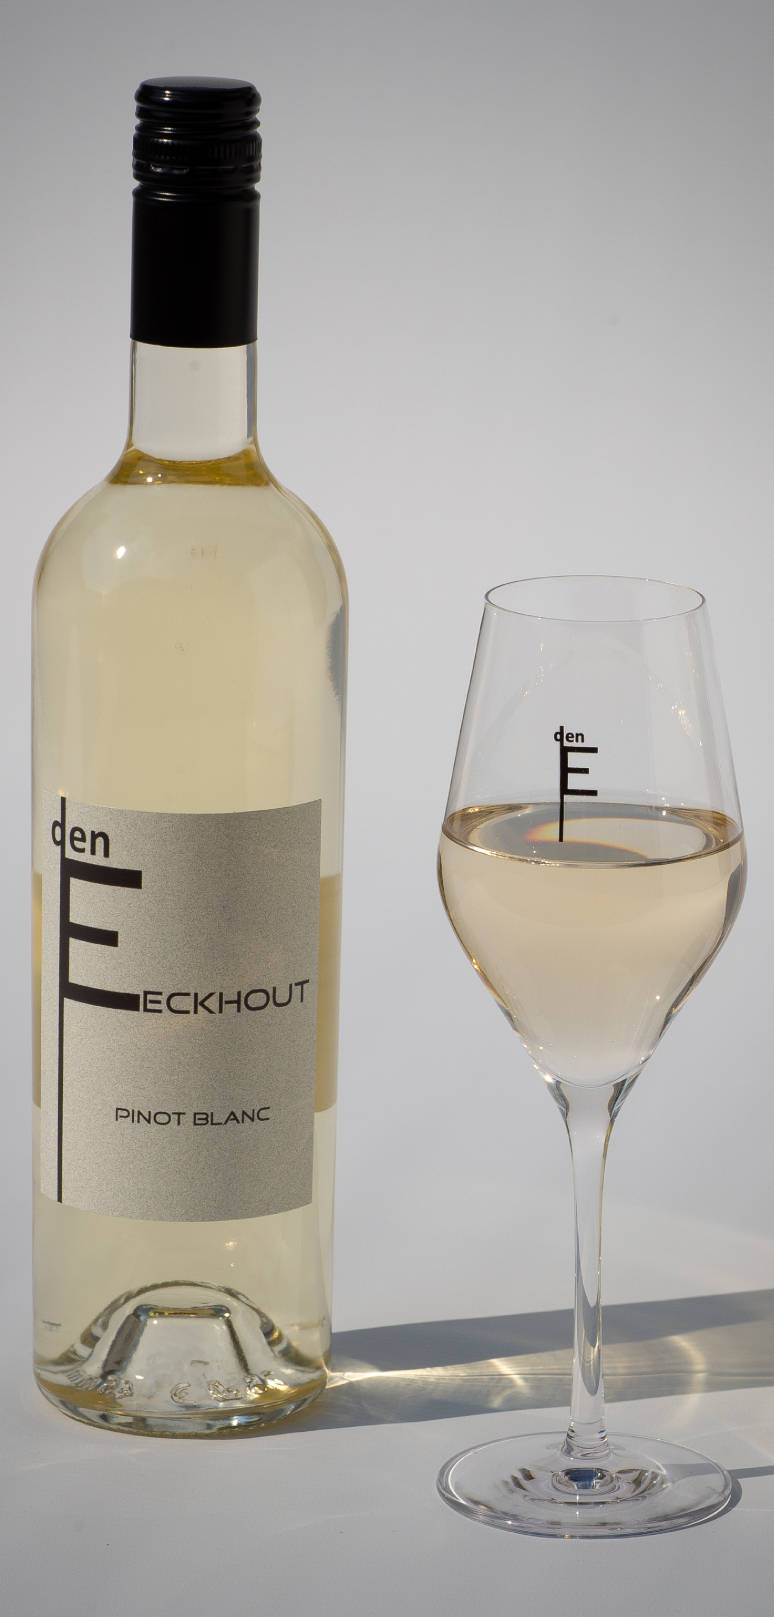 Pinot Blanc 2020 den eeckhout